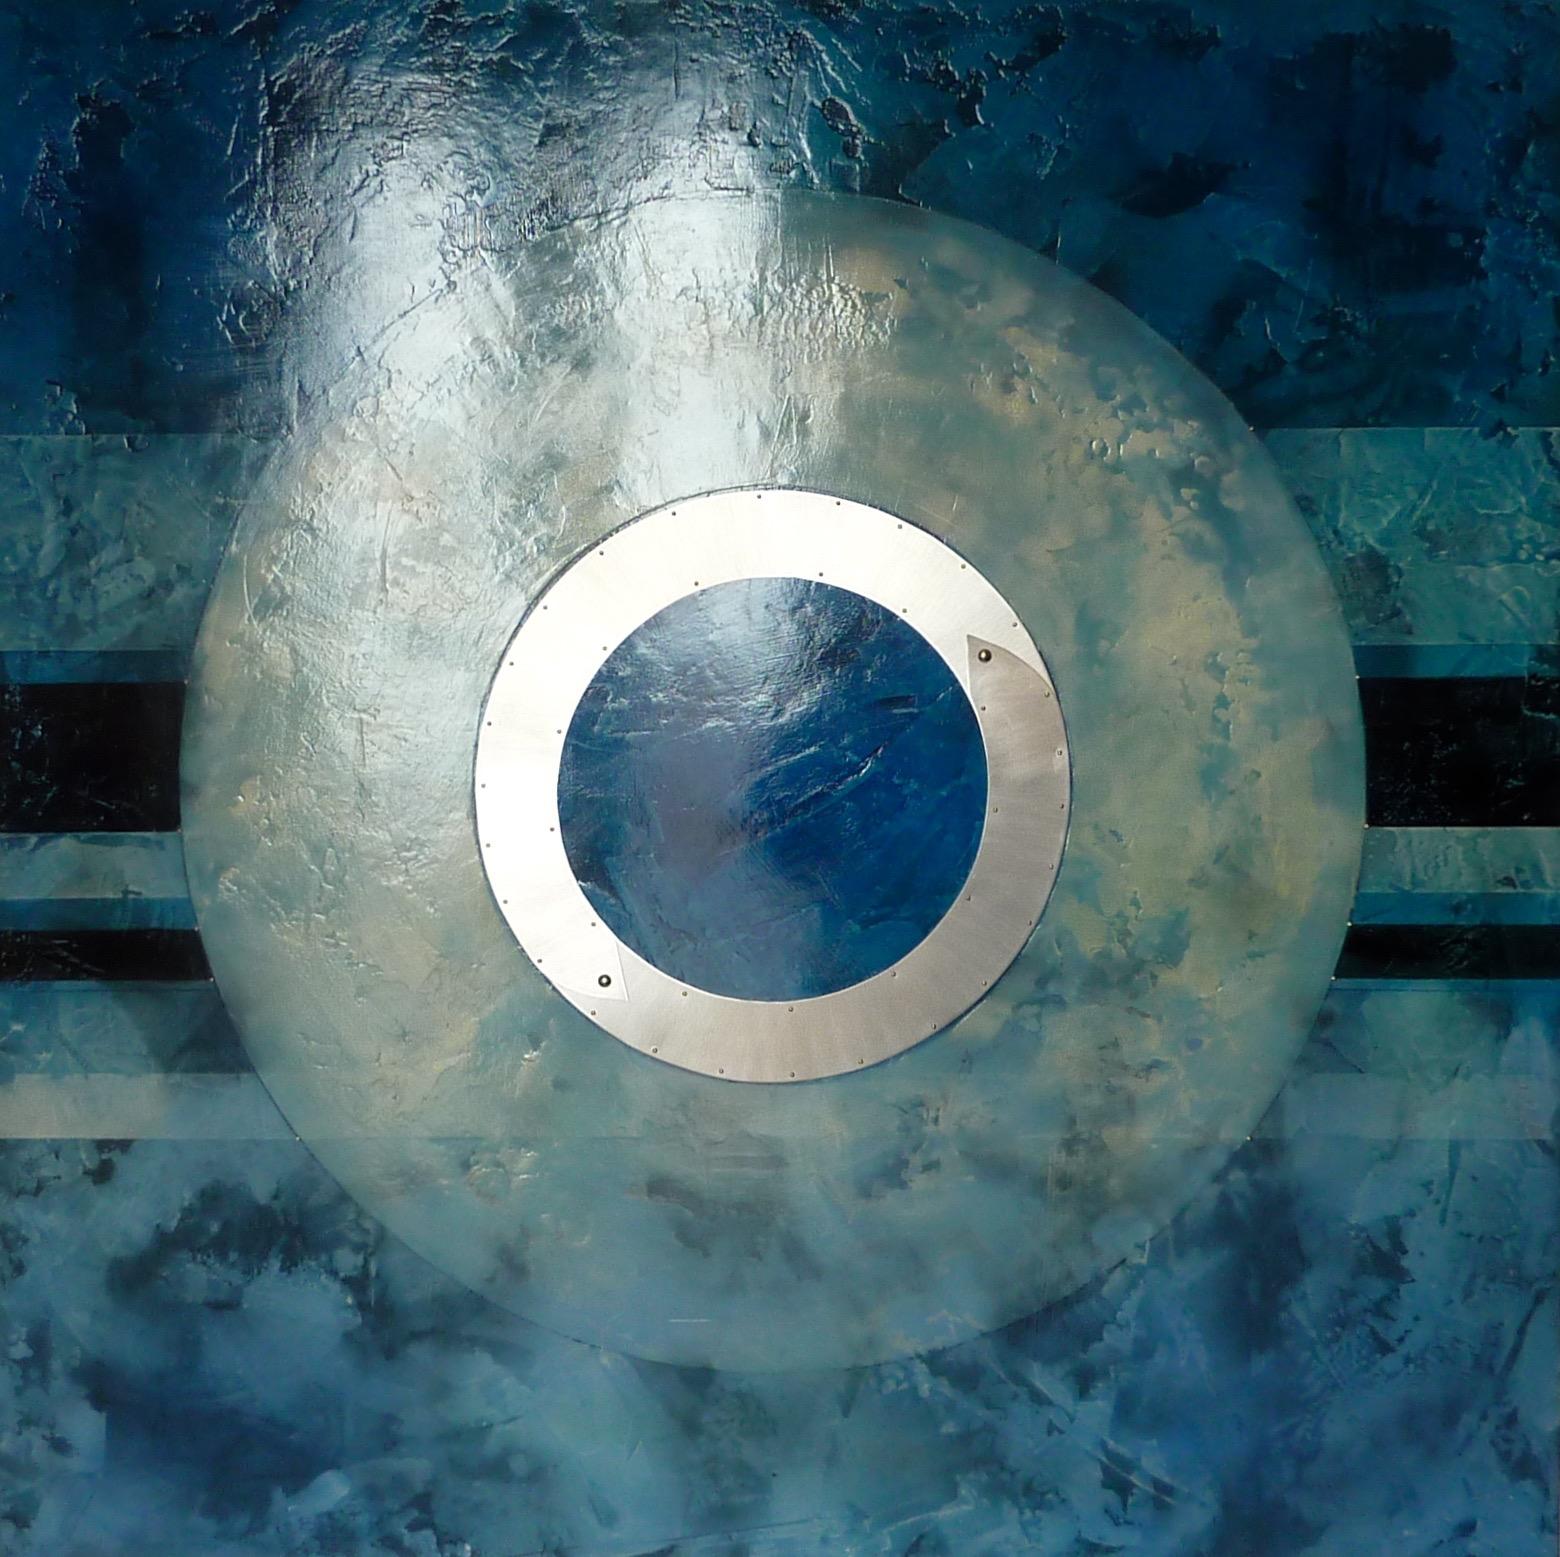 Oculus Series